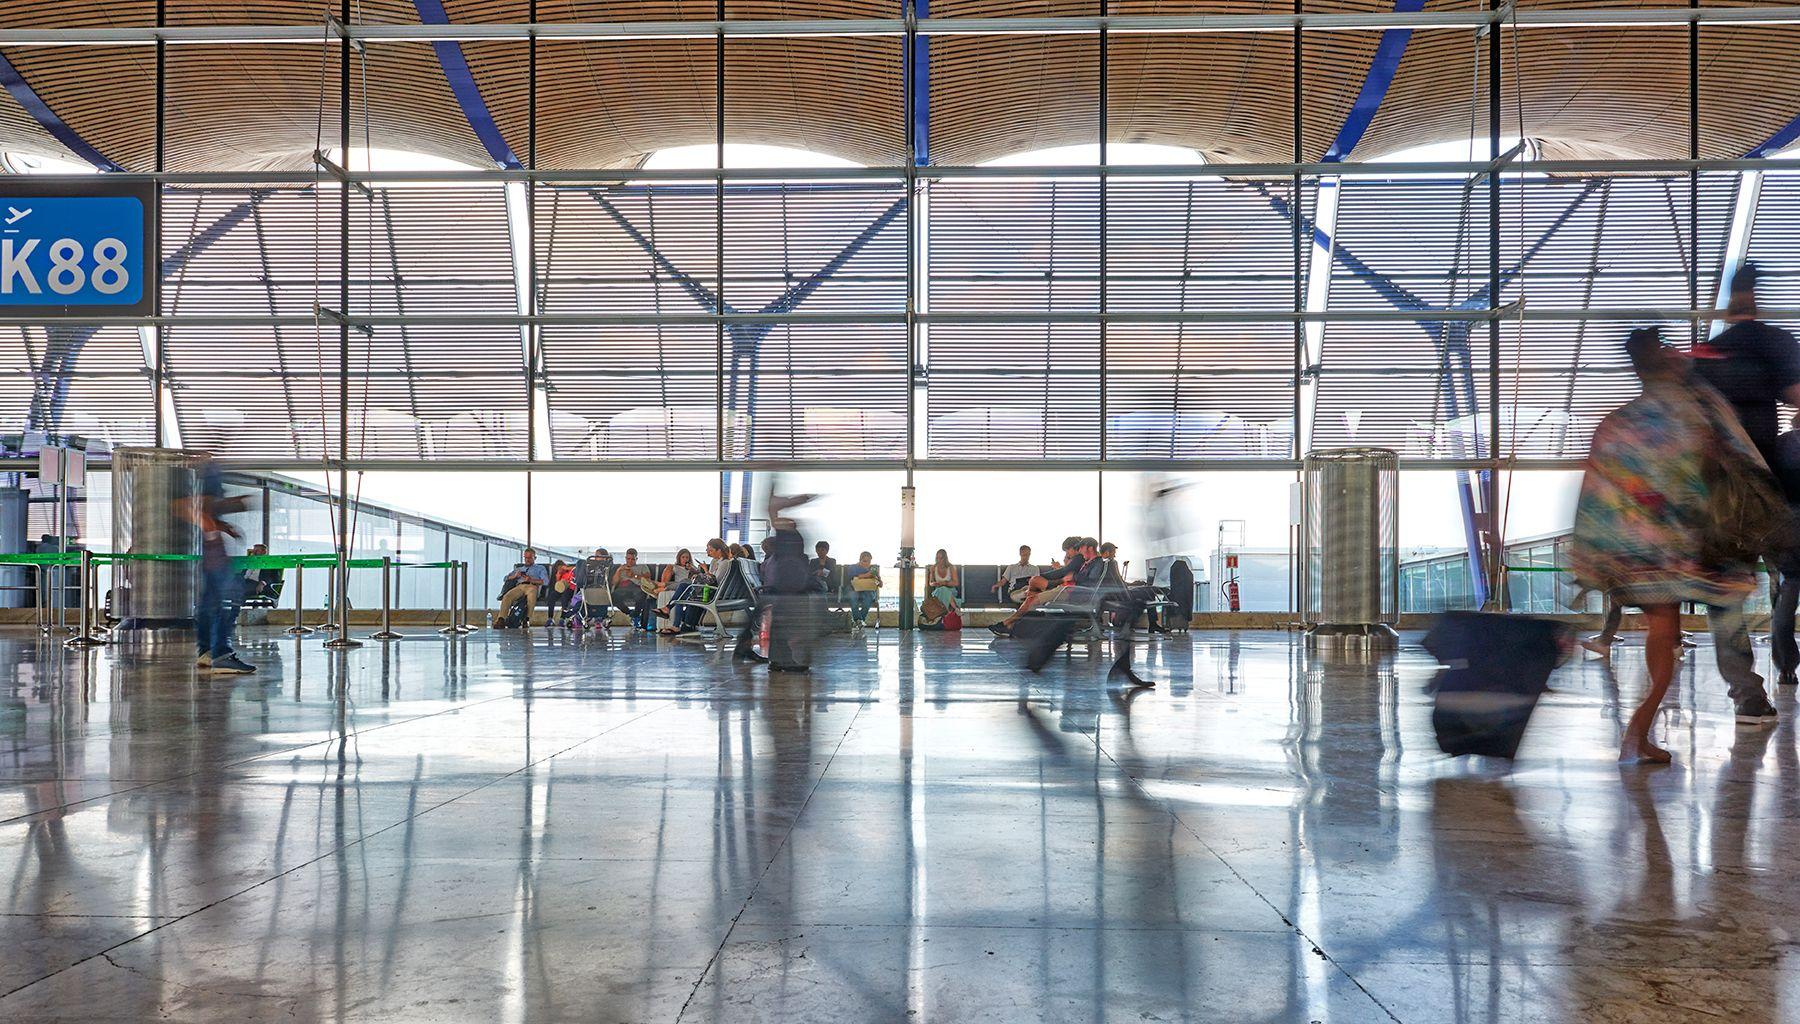 Aeropuertos 22 -Barajas K88-